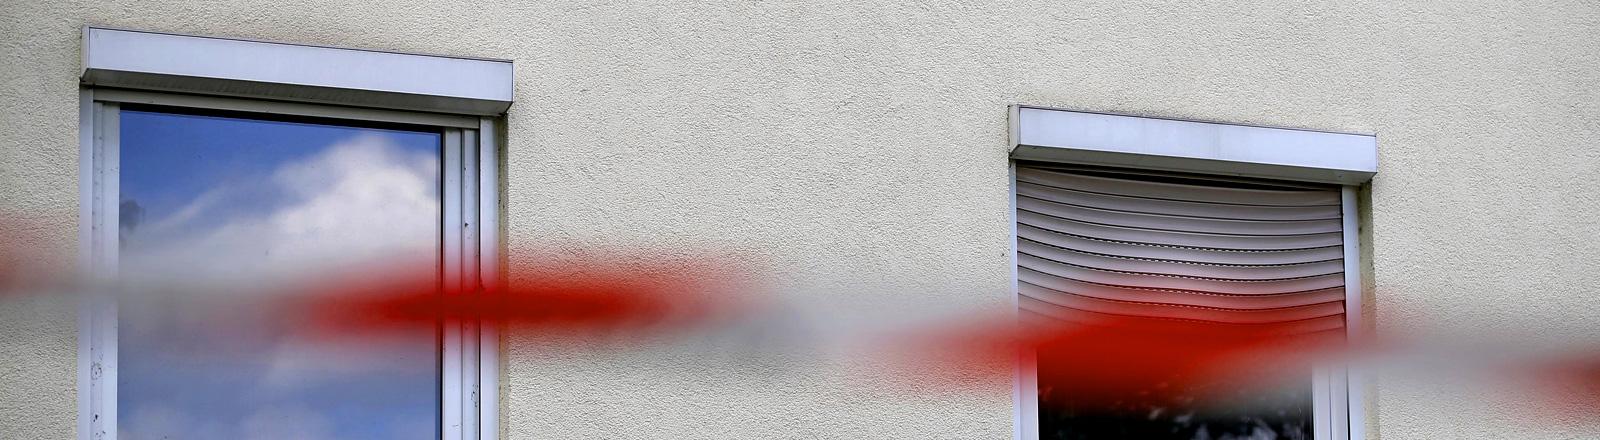 Ein Absperrband der Polizei hängt nach einem Brandanschlag am 31.07.2015 vor einer für Flüchtlinge vorgesehenen Unterkunft in Lunzenau (Sachsen).